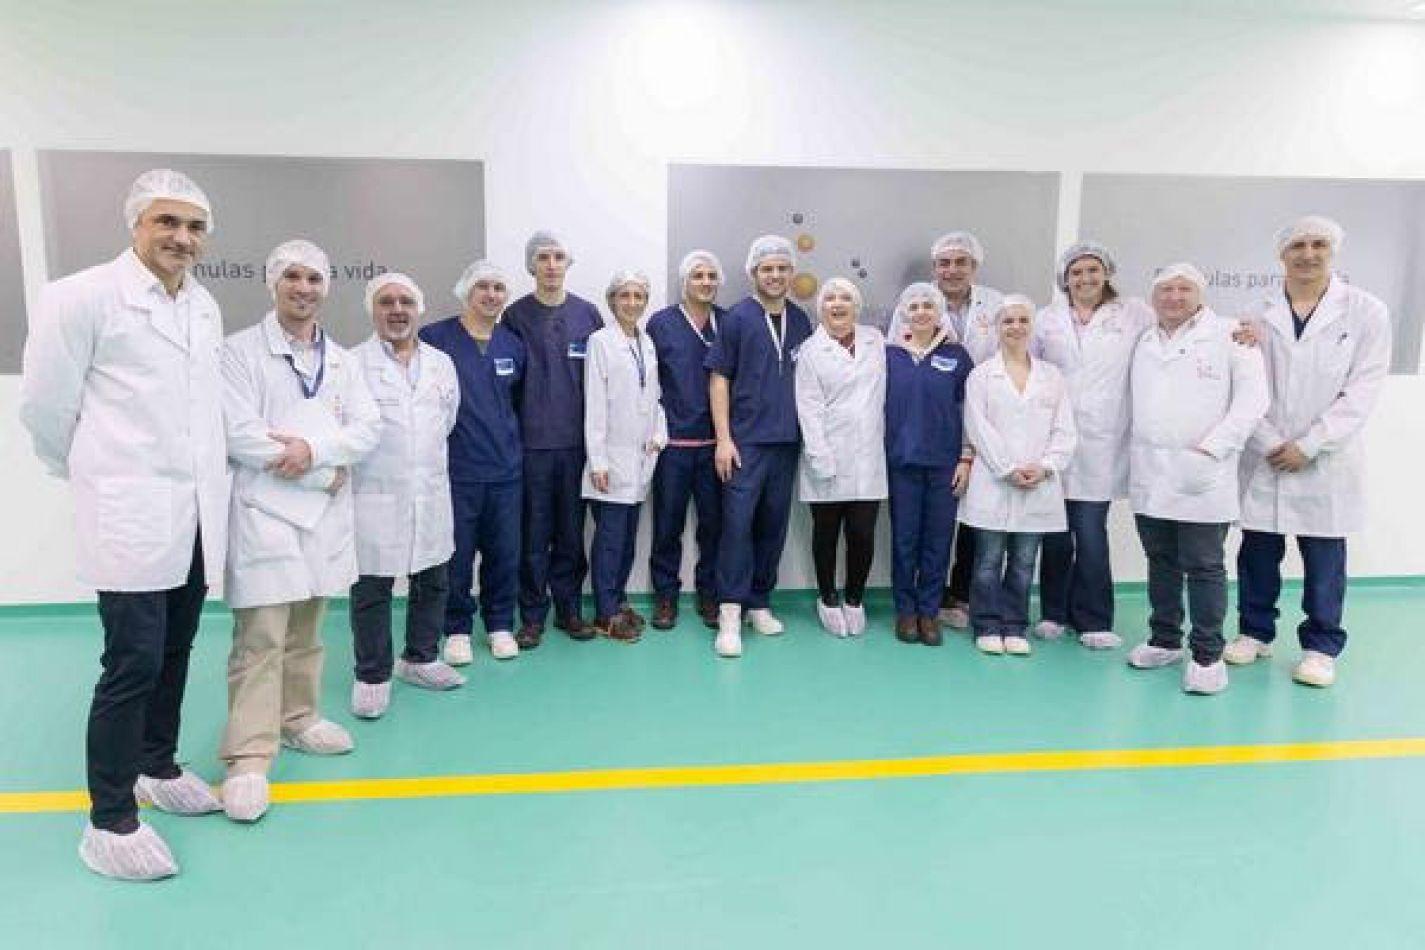 El Laboratorio del Fin del Mundo se convierte en un proveedor estable del ministerio nacional